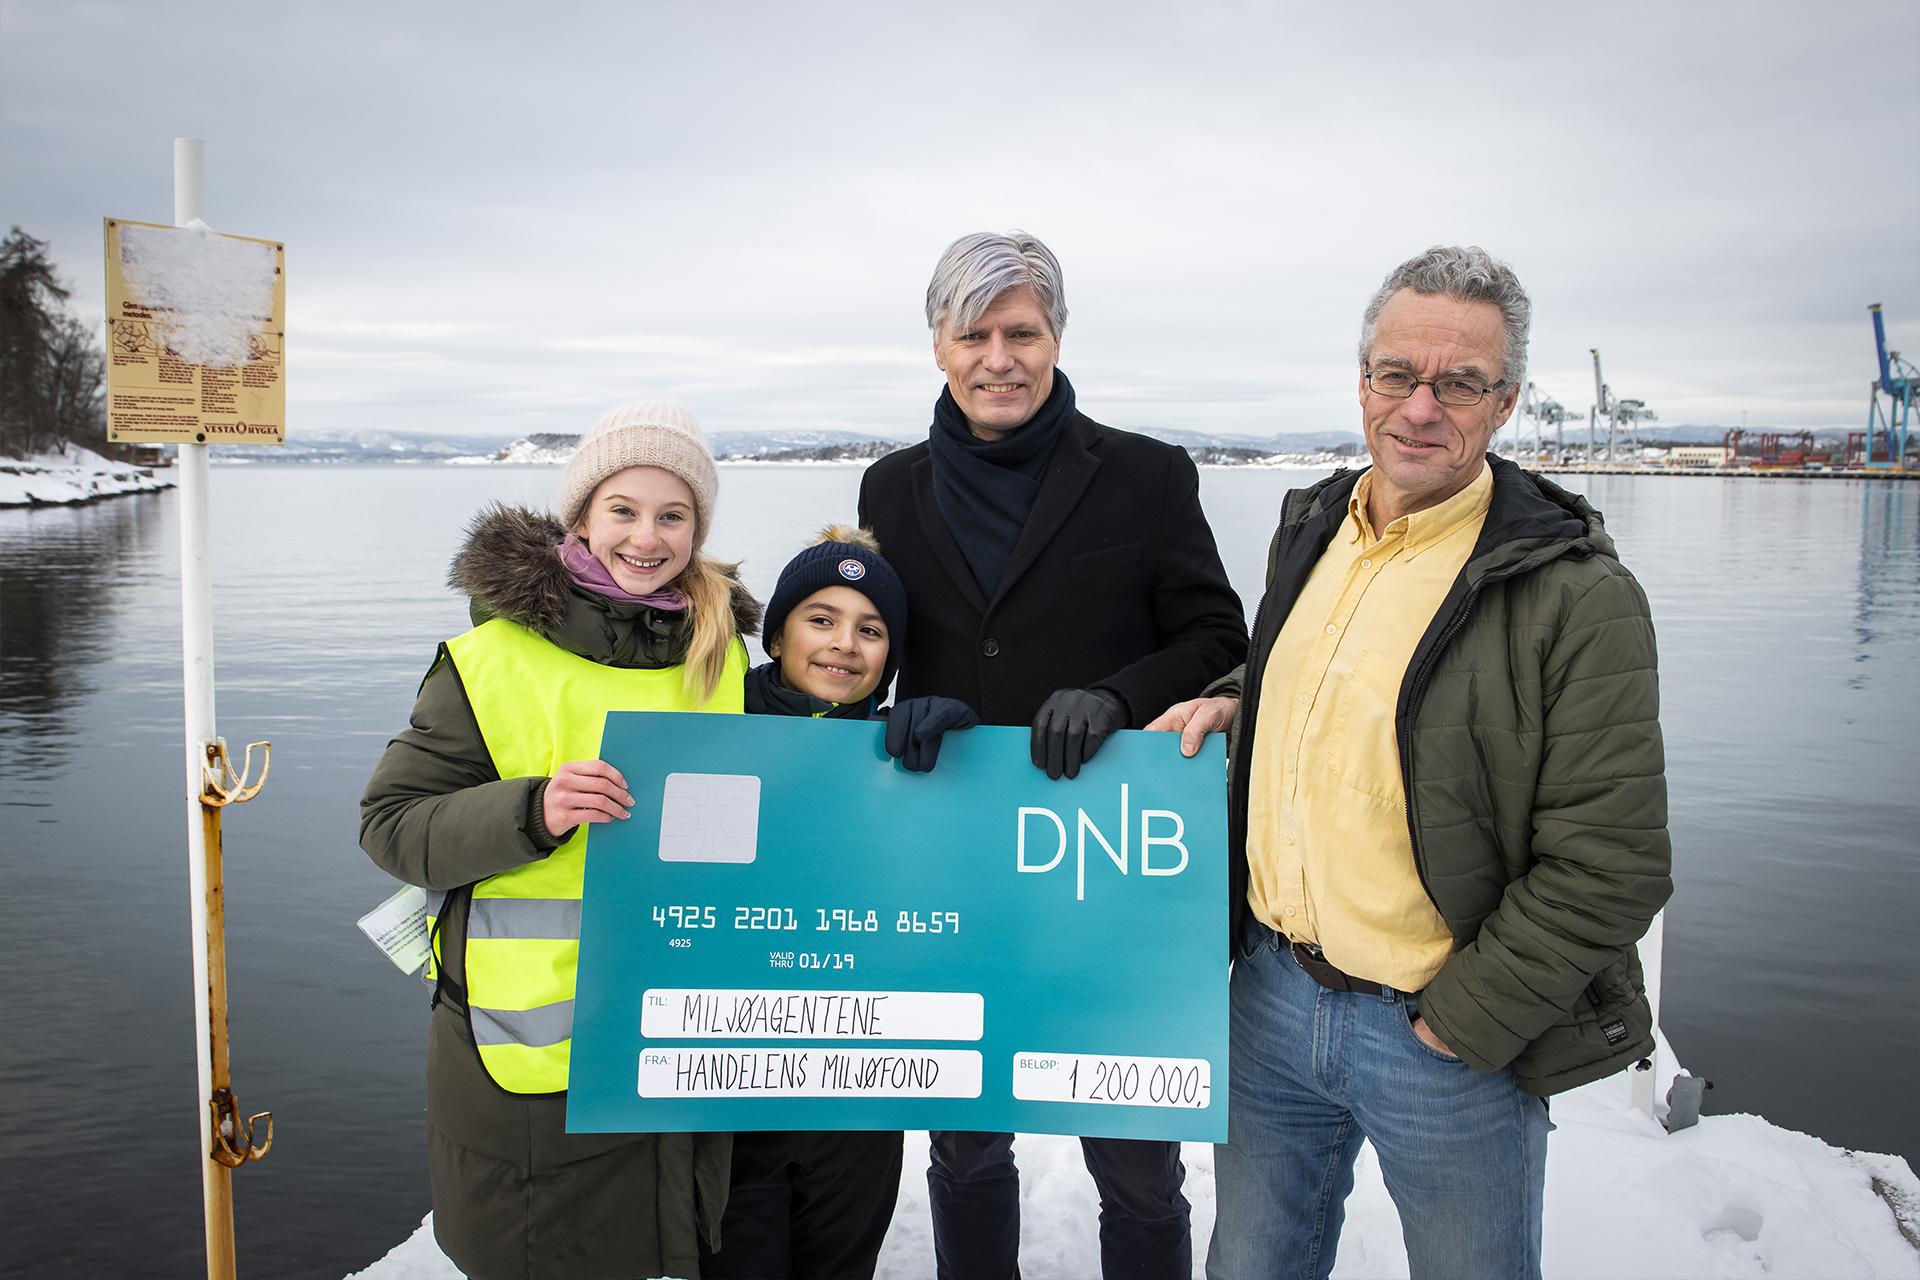 Miljøagentene sammen med Ola Elvestuen og Rasmus Hansson